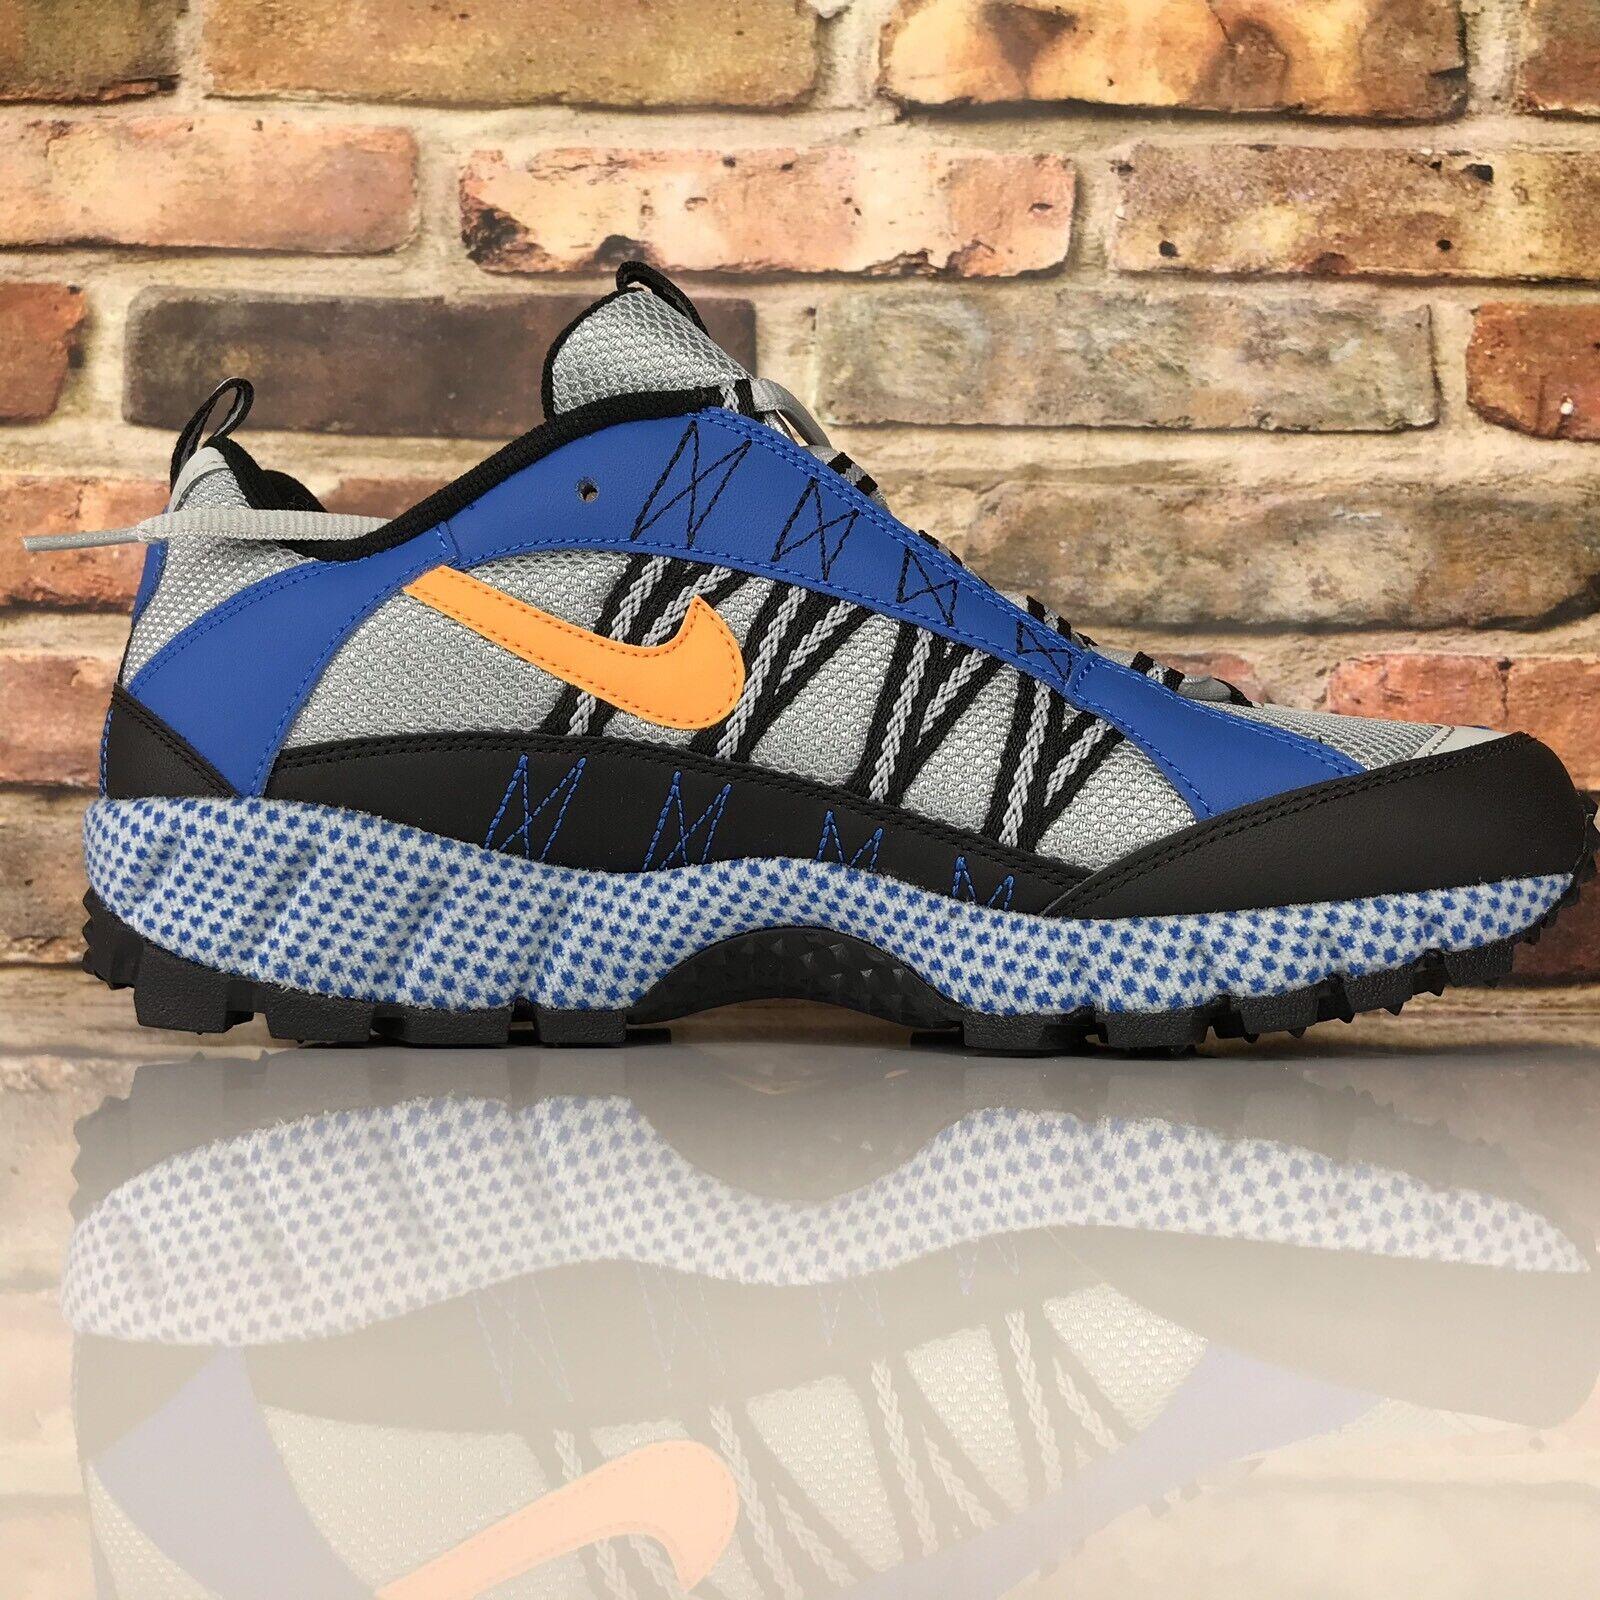 Nike Air Humara 17 QS bluee Spark Silver Men Size 9.5 AO3297 001